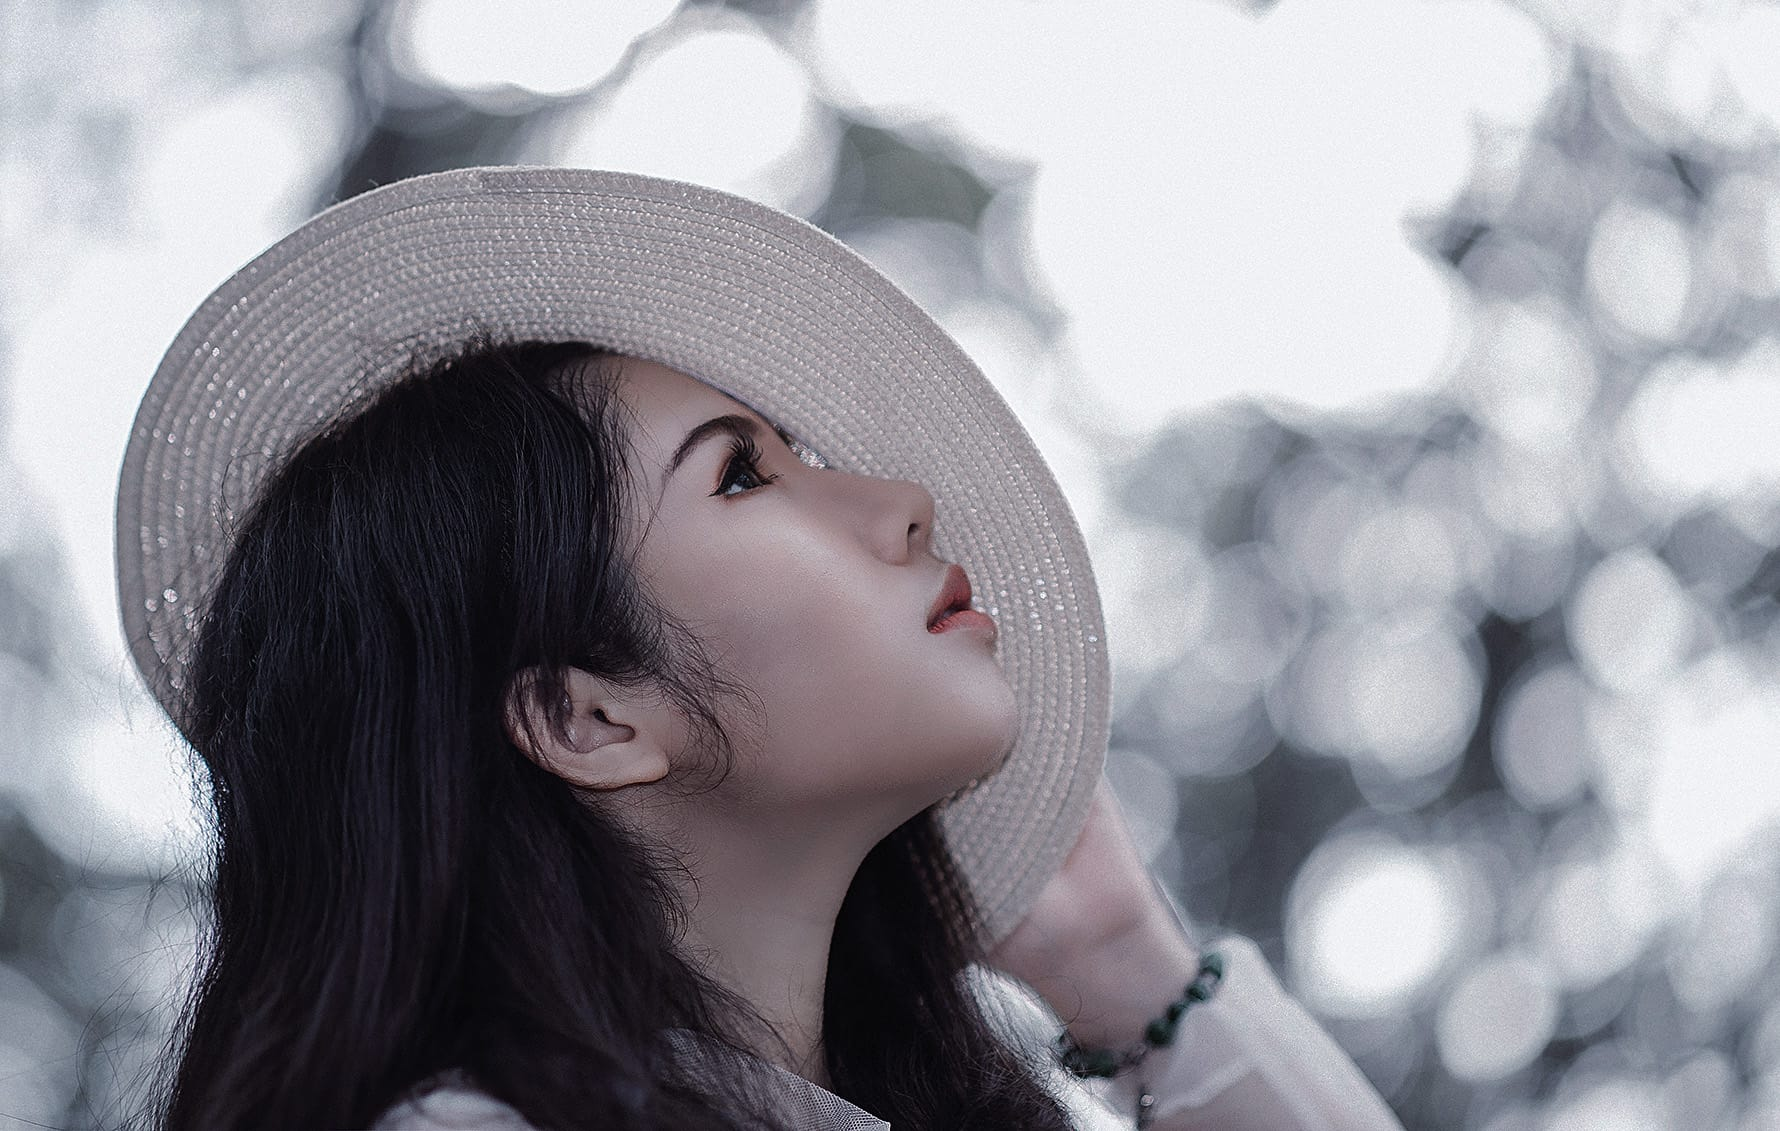 očarljiv klobuk bele barve